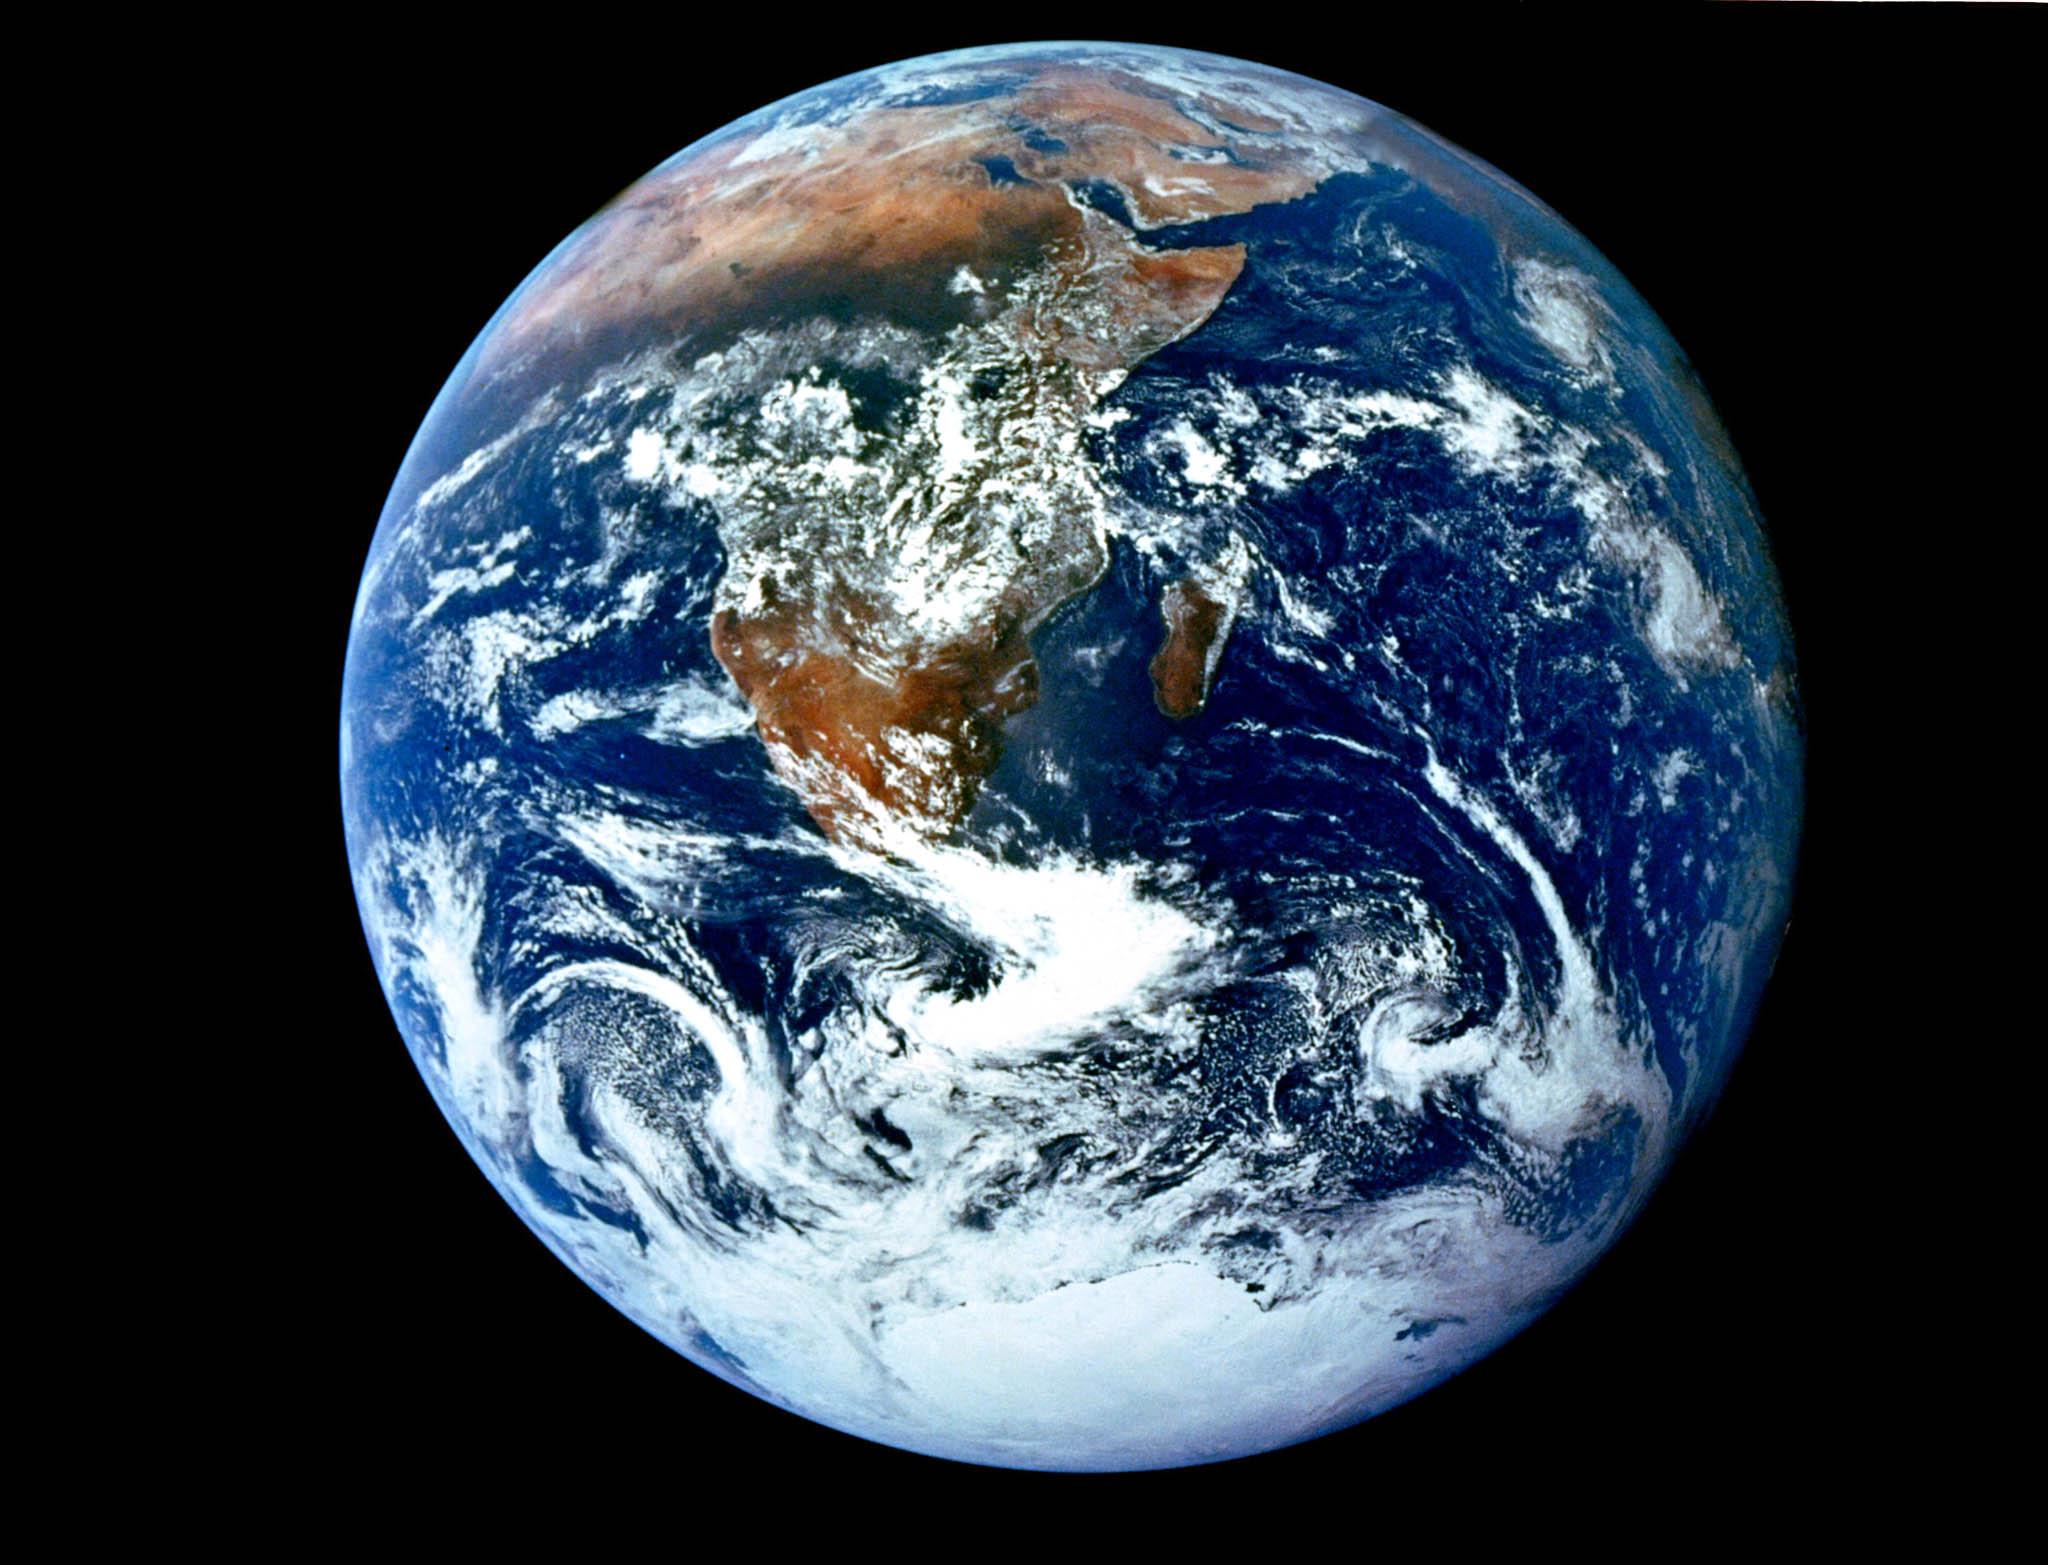 Novo supercontinente nascerá dentro de 300 milhões de anos e chama-se Aurica - Estudo